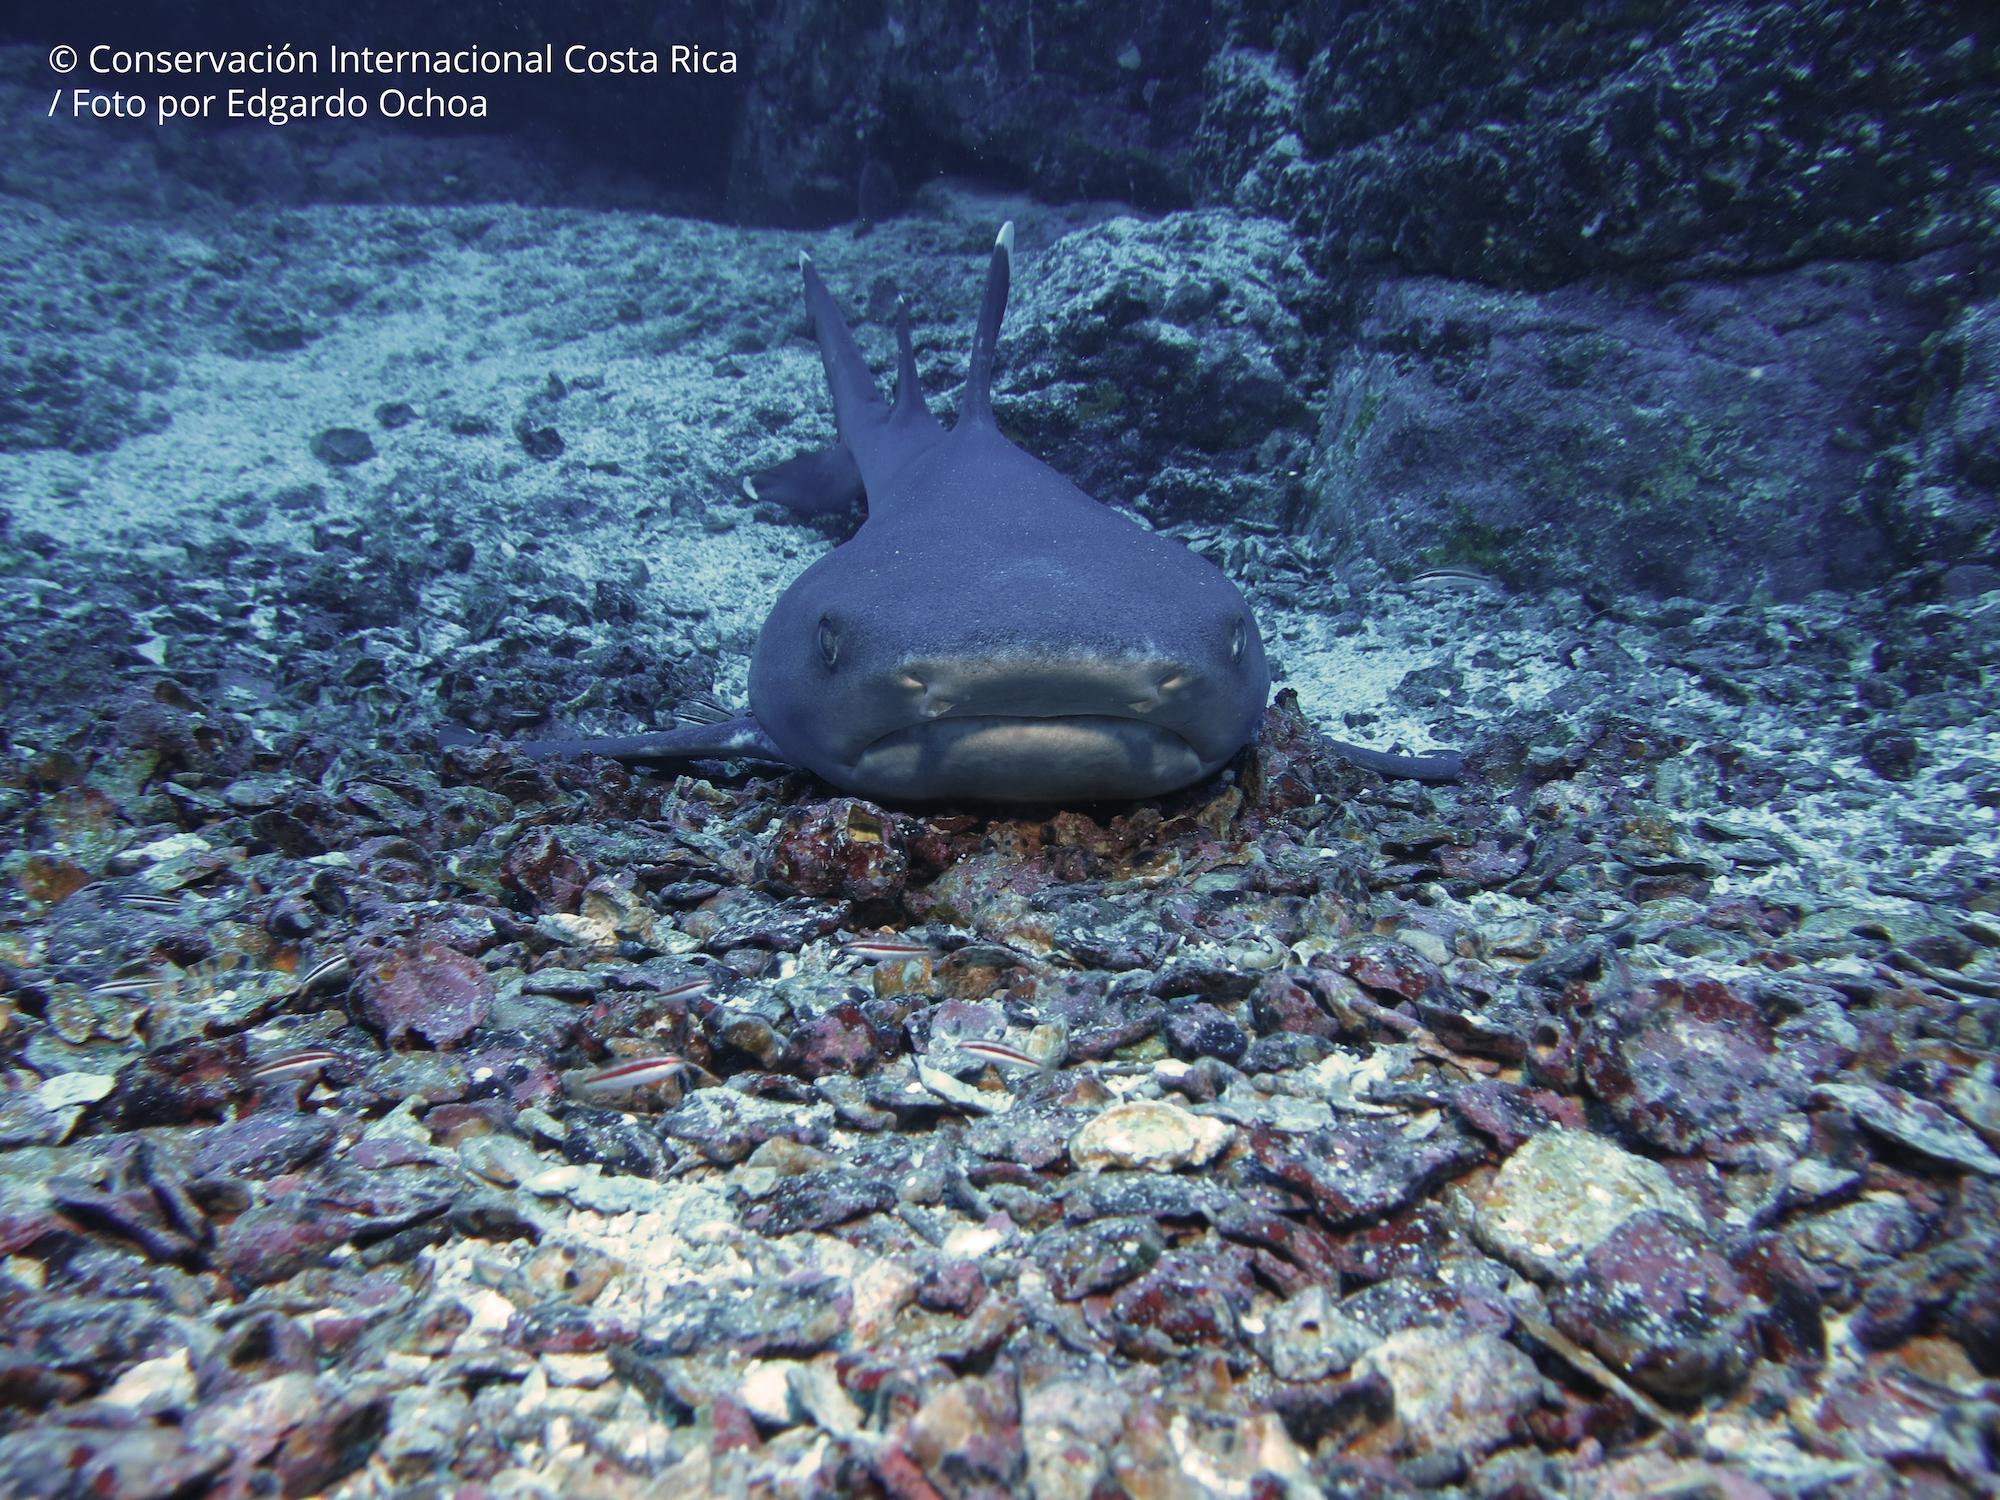 Isla del Coco es una zona vital para muchas especies de peces y forma un corredor especial con Malpelo en Colombia y Galápagos en Ecuador. Foto: ©Edgardo Ochoa - Conservación Internacional Costa Rica.